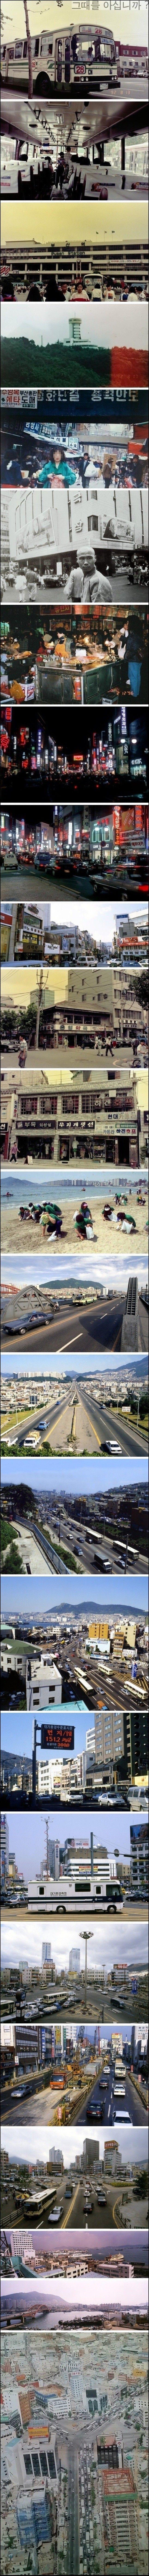 90년대 한국의 풍경